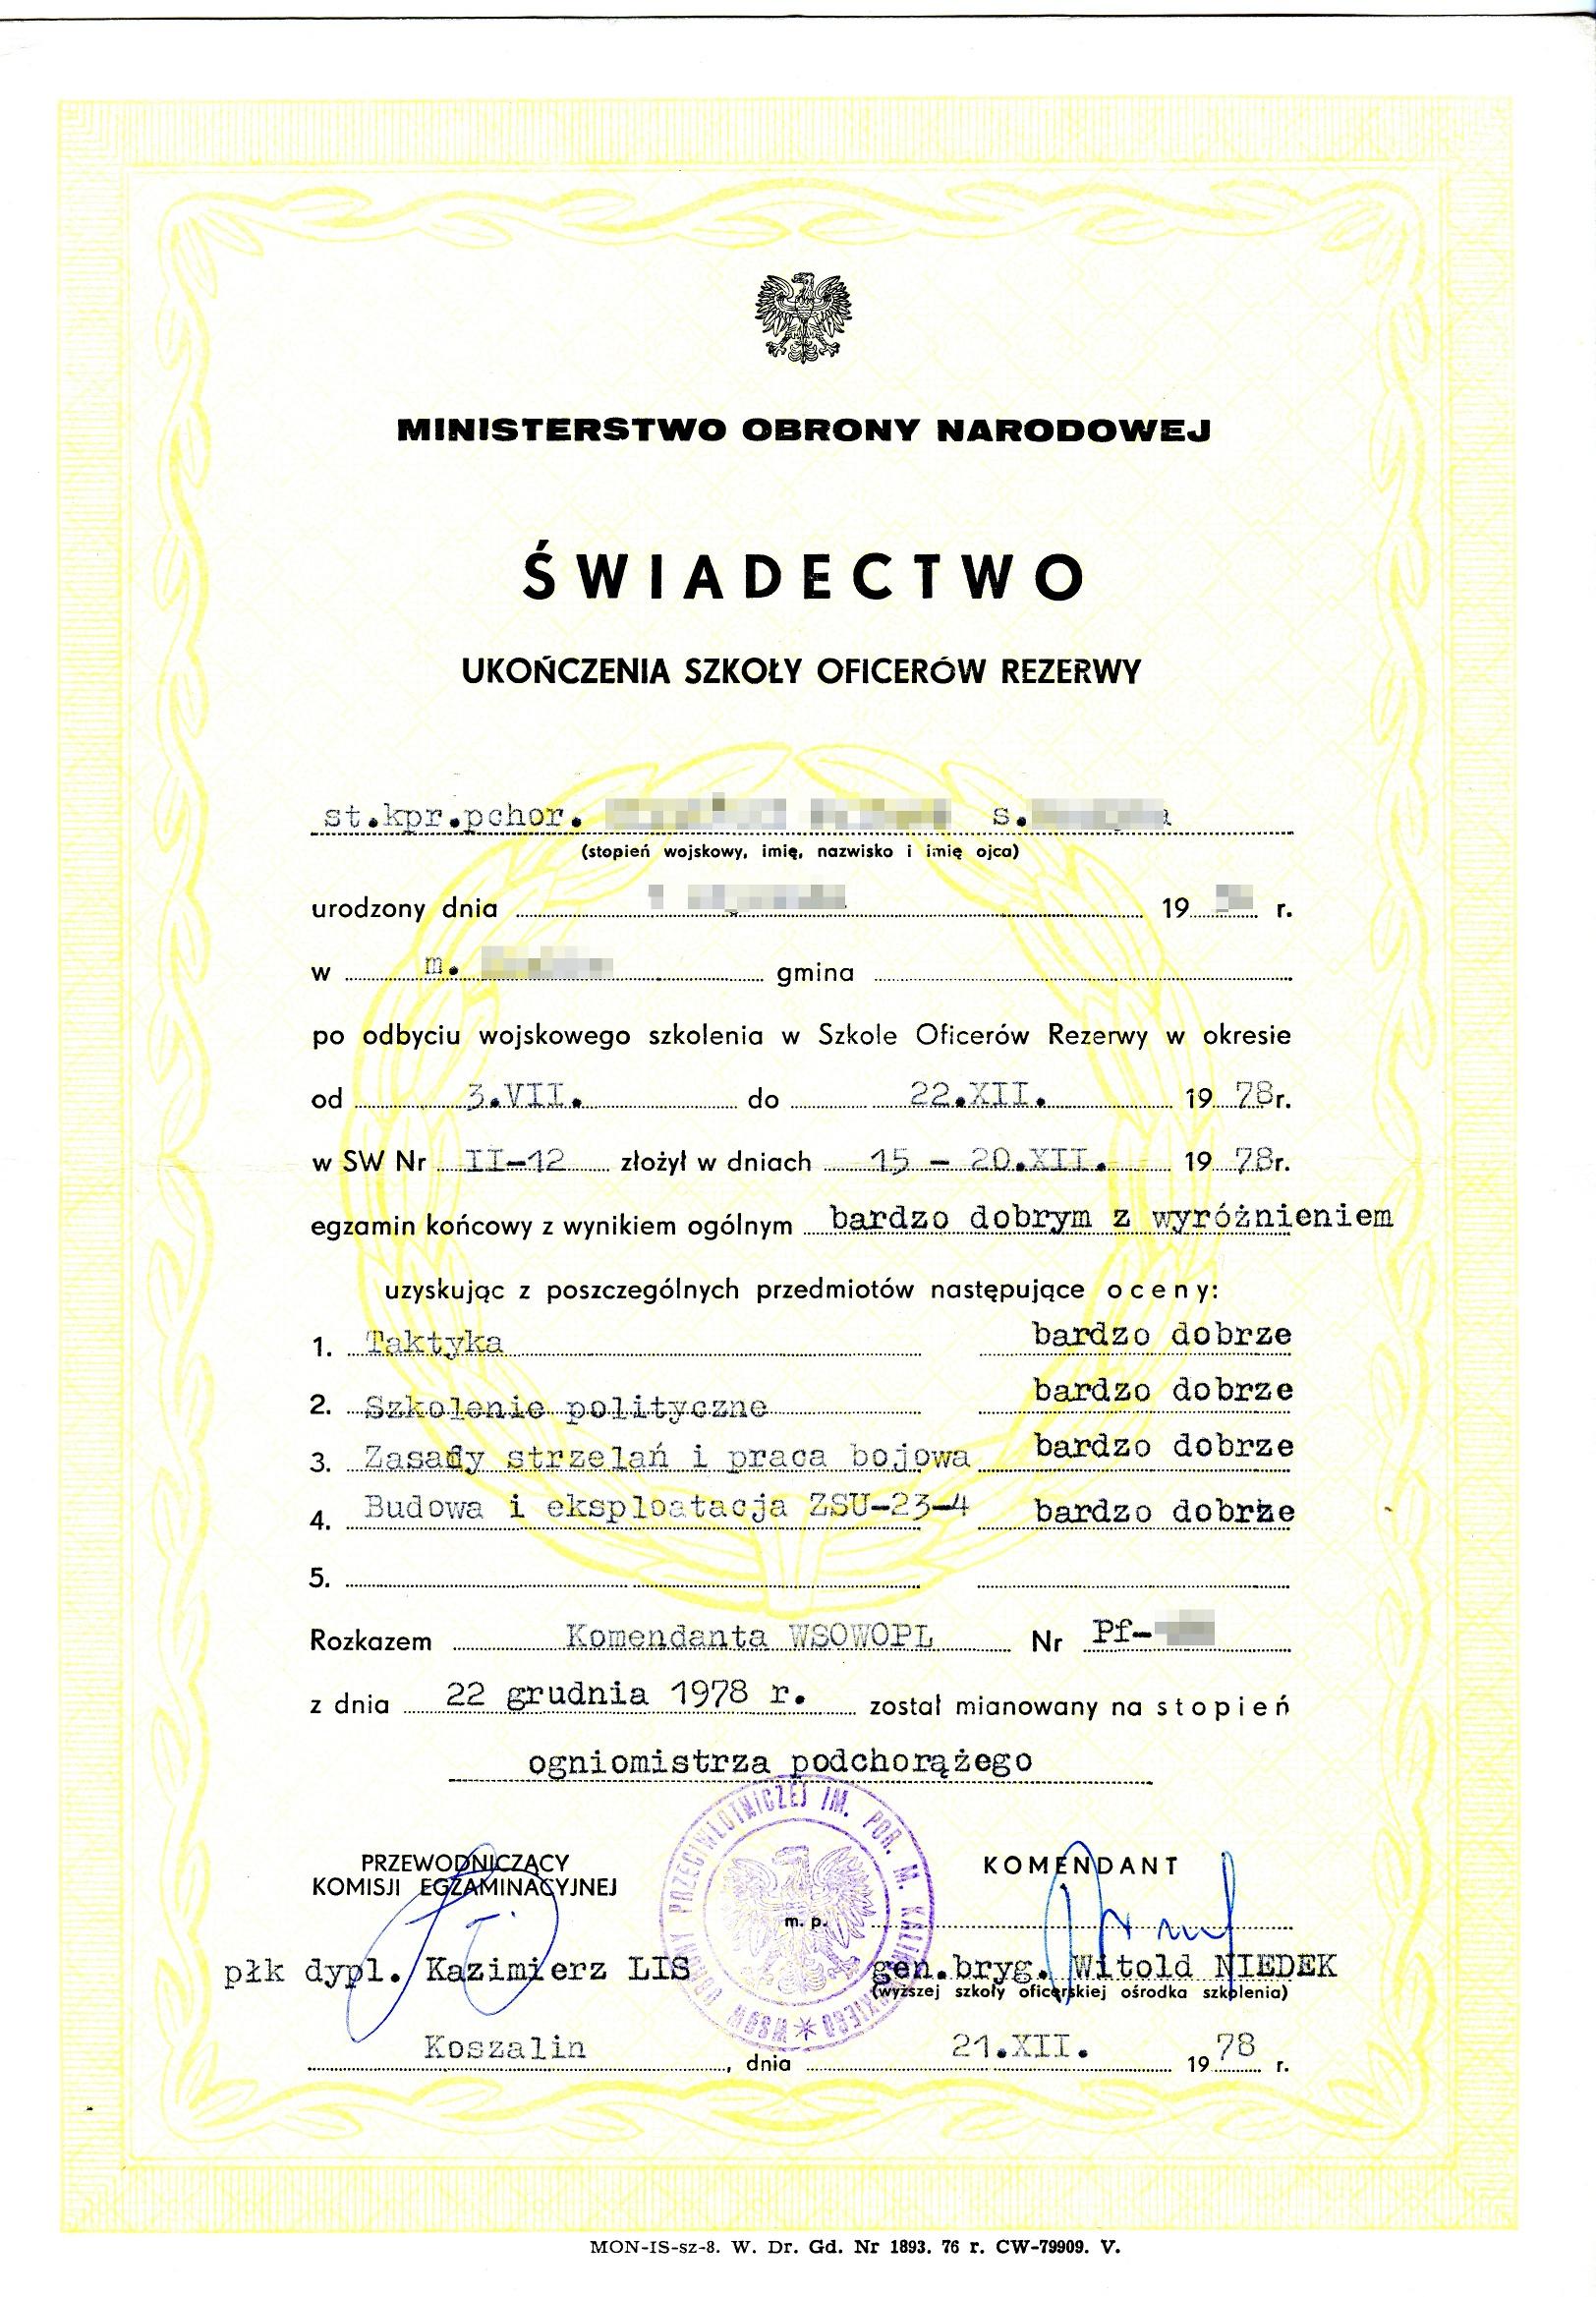 Tak wyglądało świadectwo ukończenia SOR-u, czyli Szkoły Oficerów Rezerwy. Do tych, organizowanych w latach 70-tych XX wieku, jednostek kierowano na obowiązkowe przeszkolenie wojskowe absolwentów wyższych uczelni cywilnych.